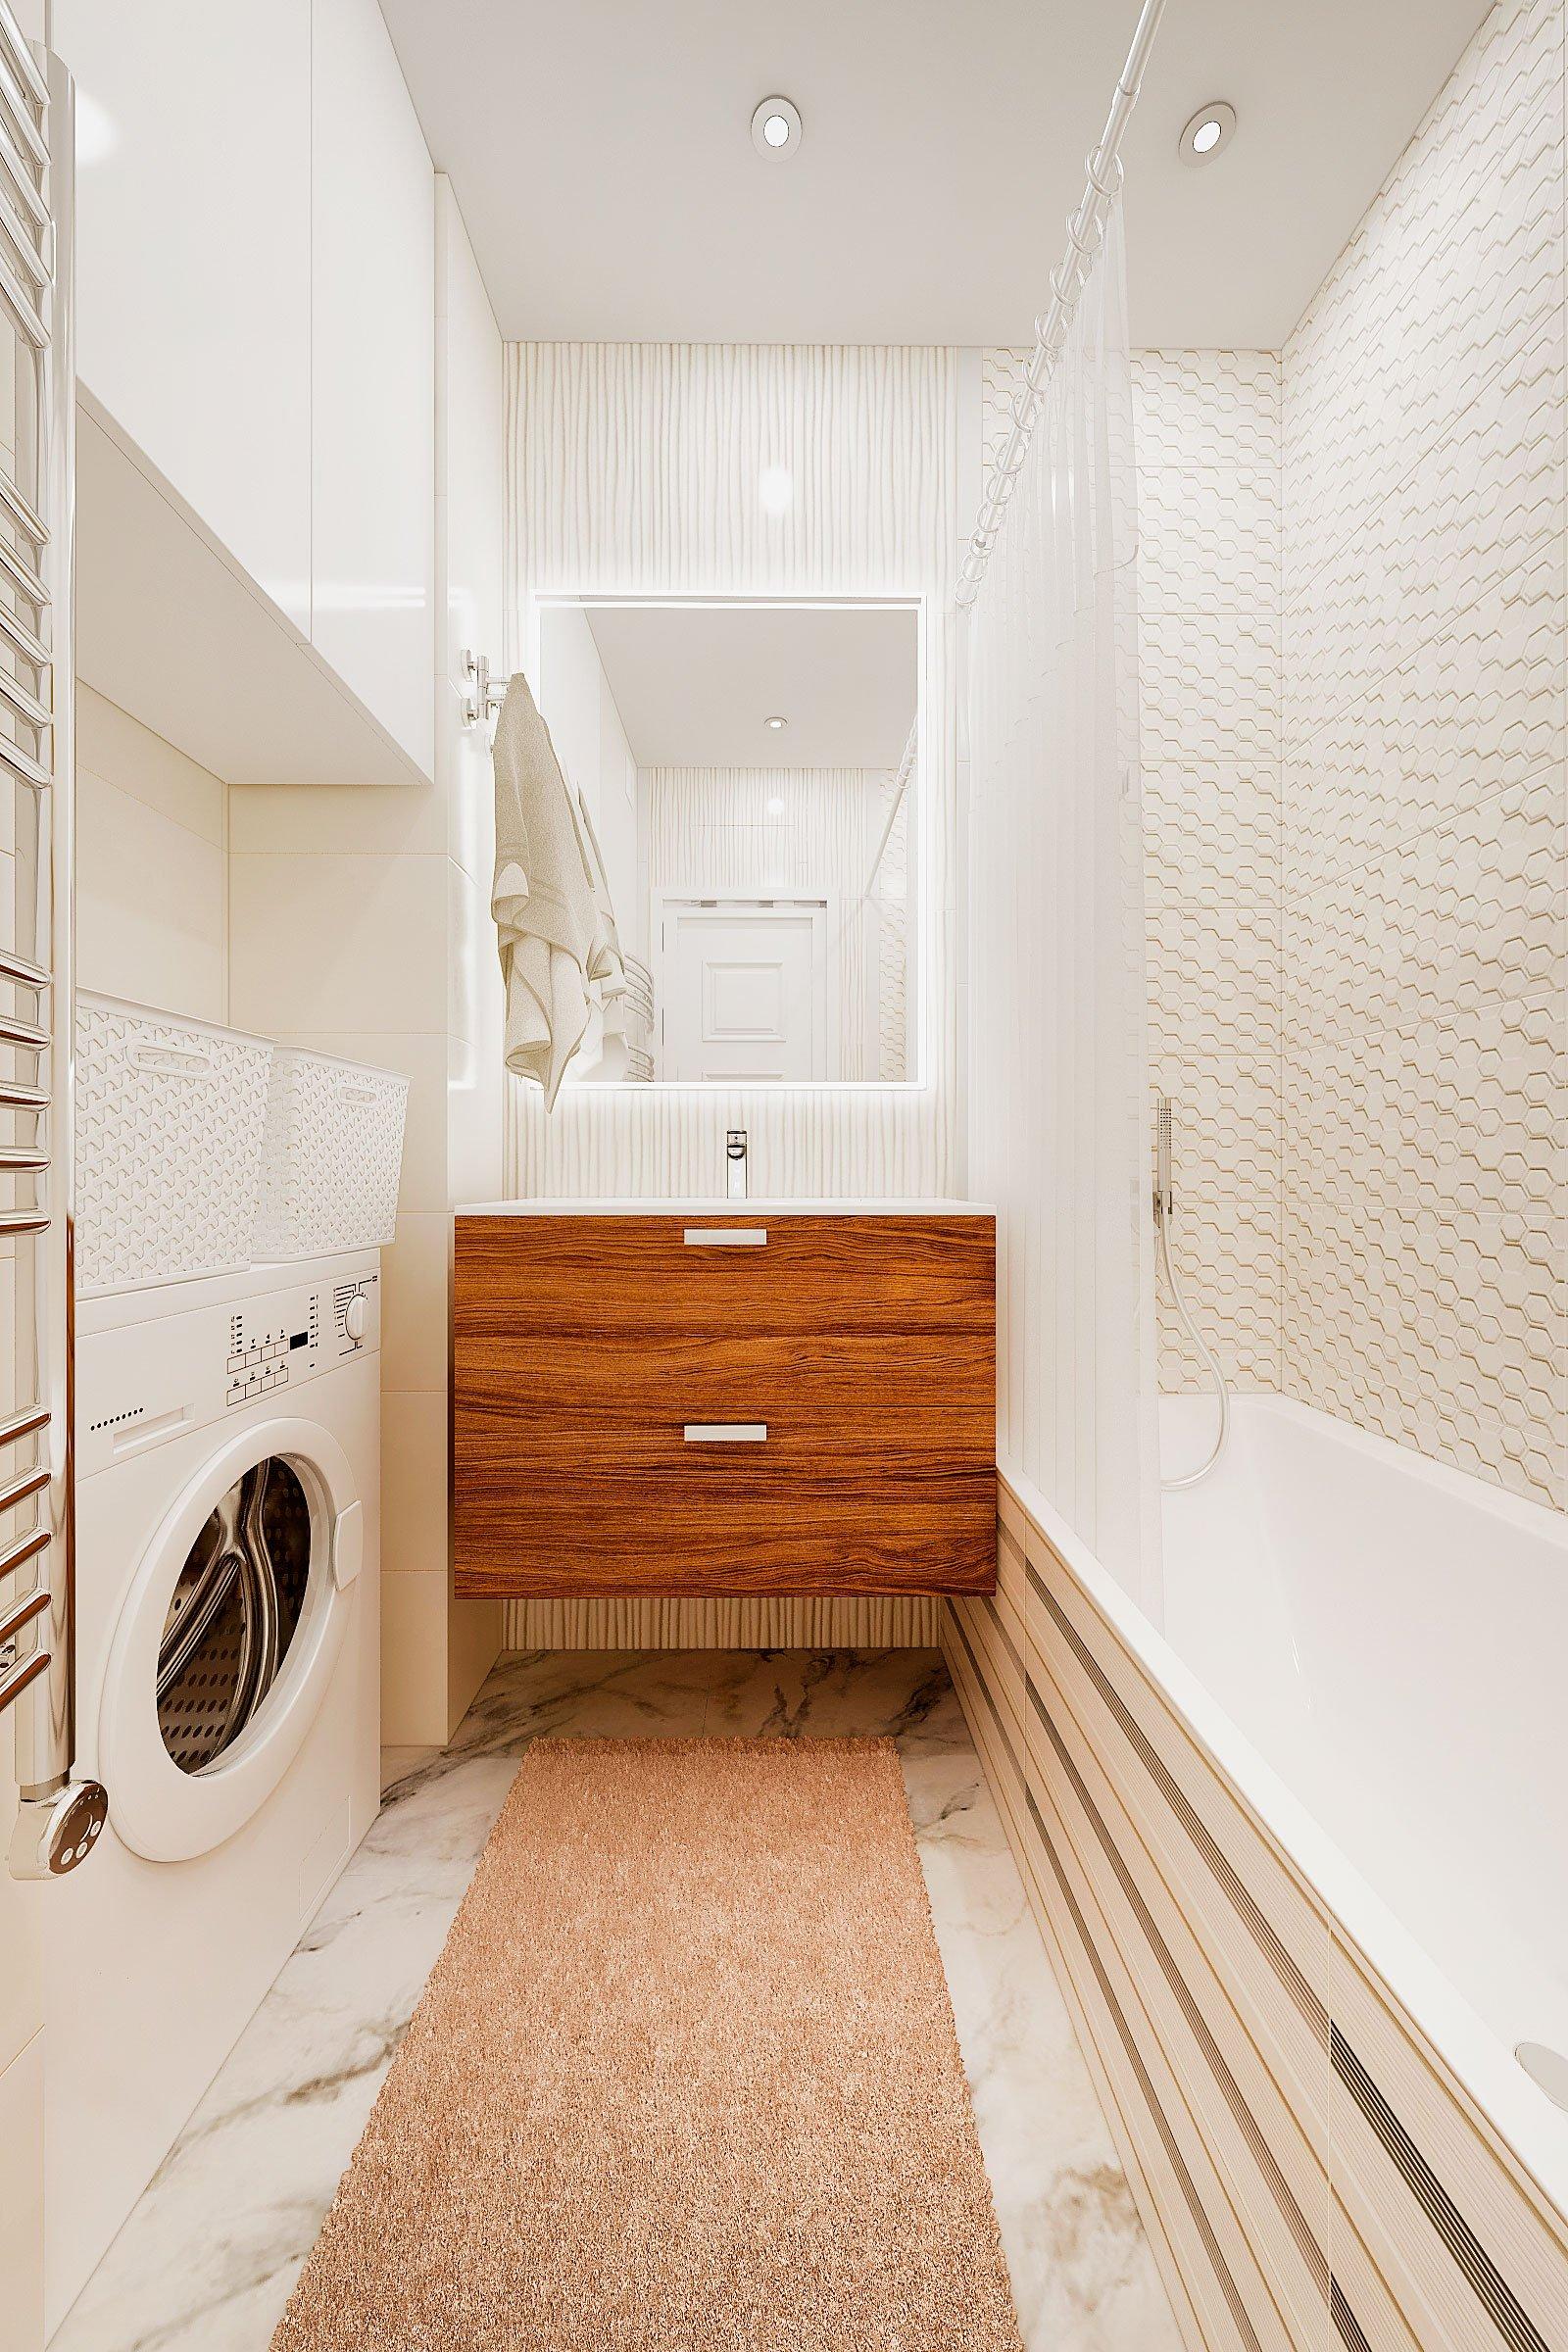 дизайн интерьера ванной в современном стиле, Гомель 2018, фото №1